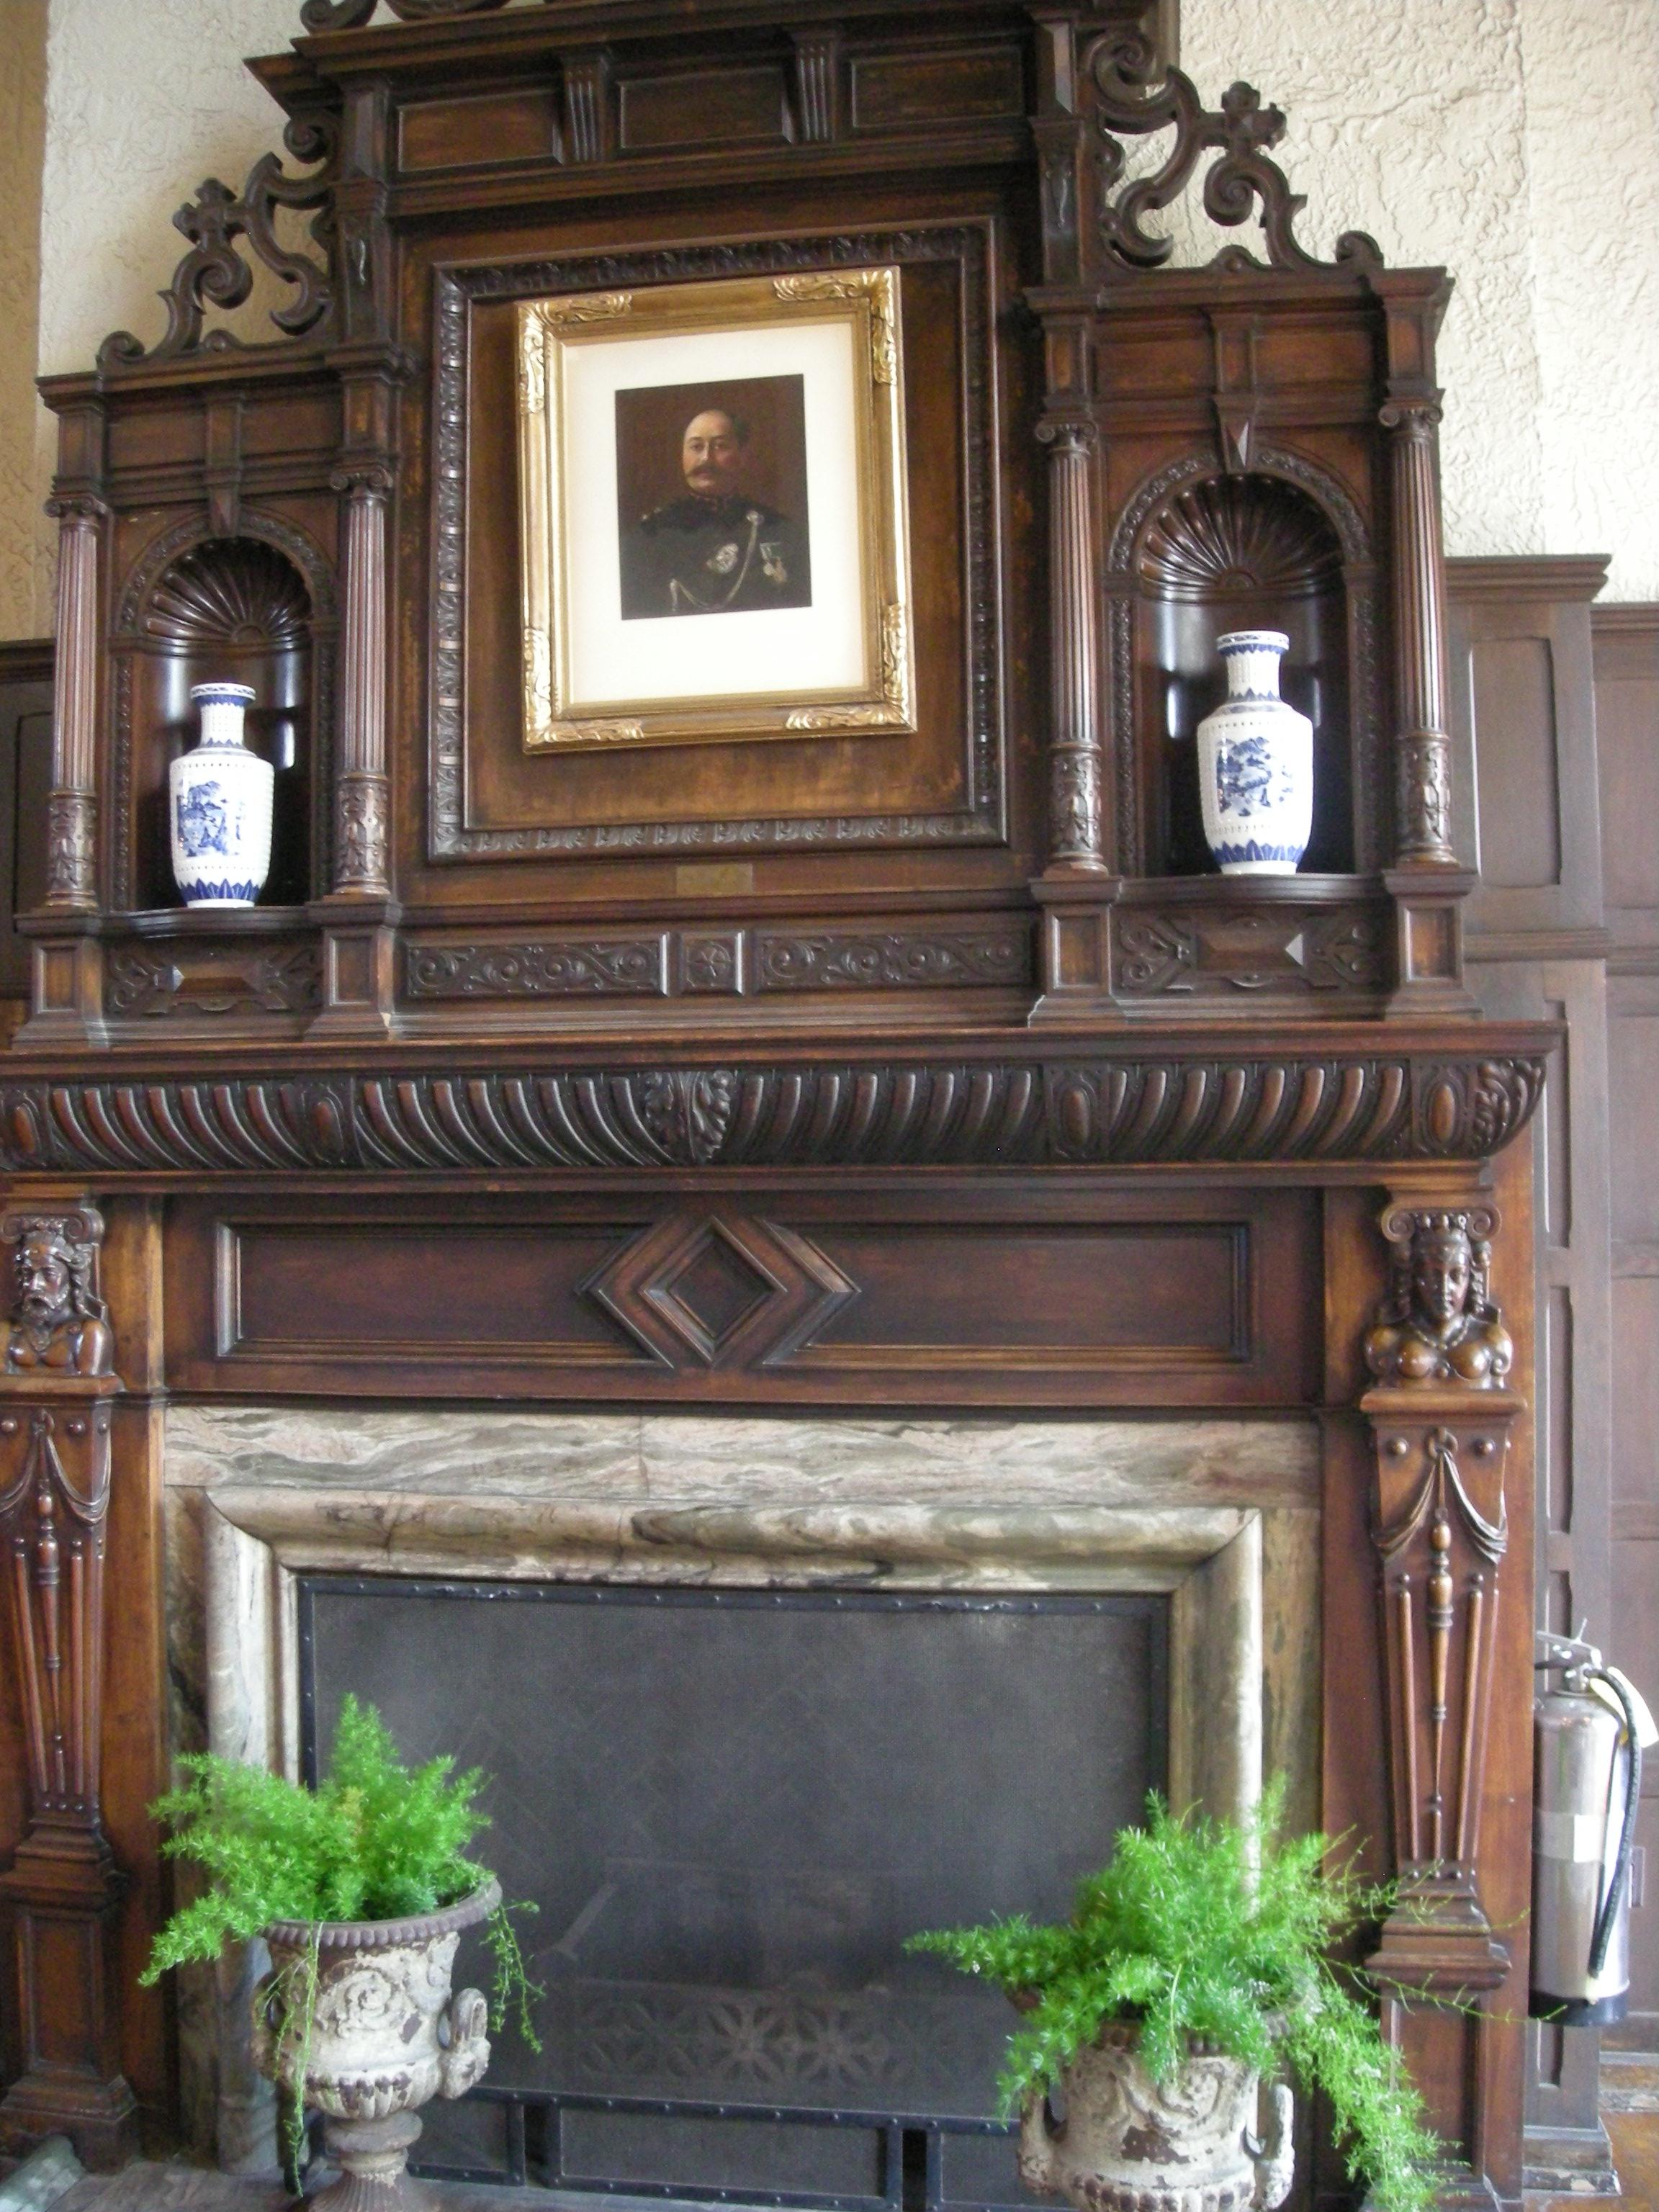 FileCasa Loma July 2010 05 Great Hall fireplaceJPG Wikimedia